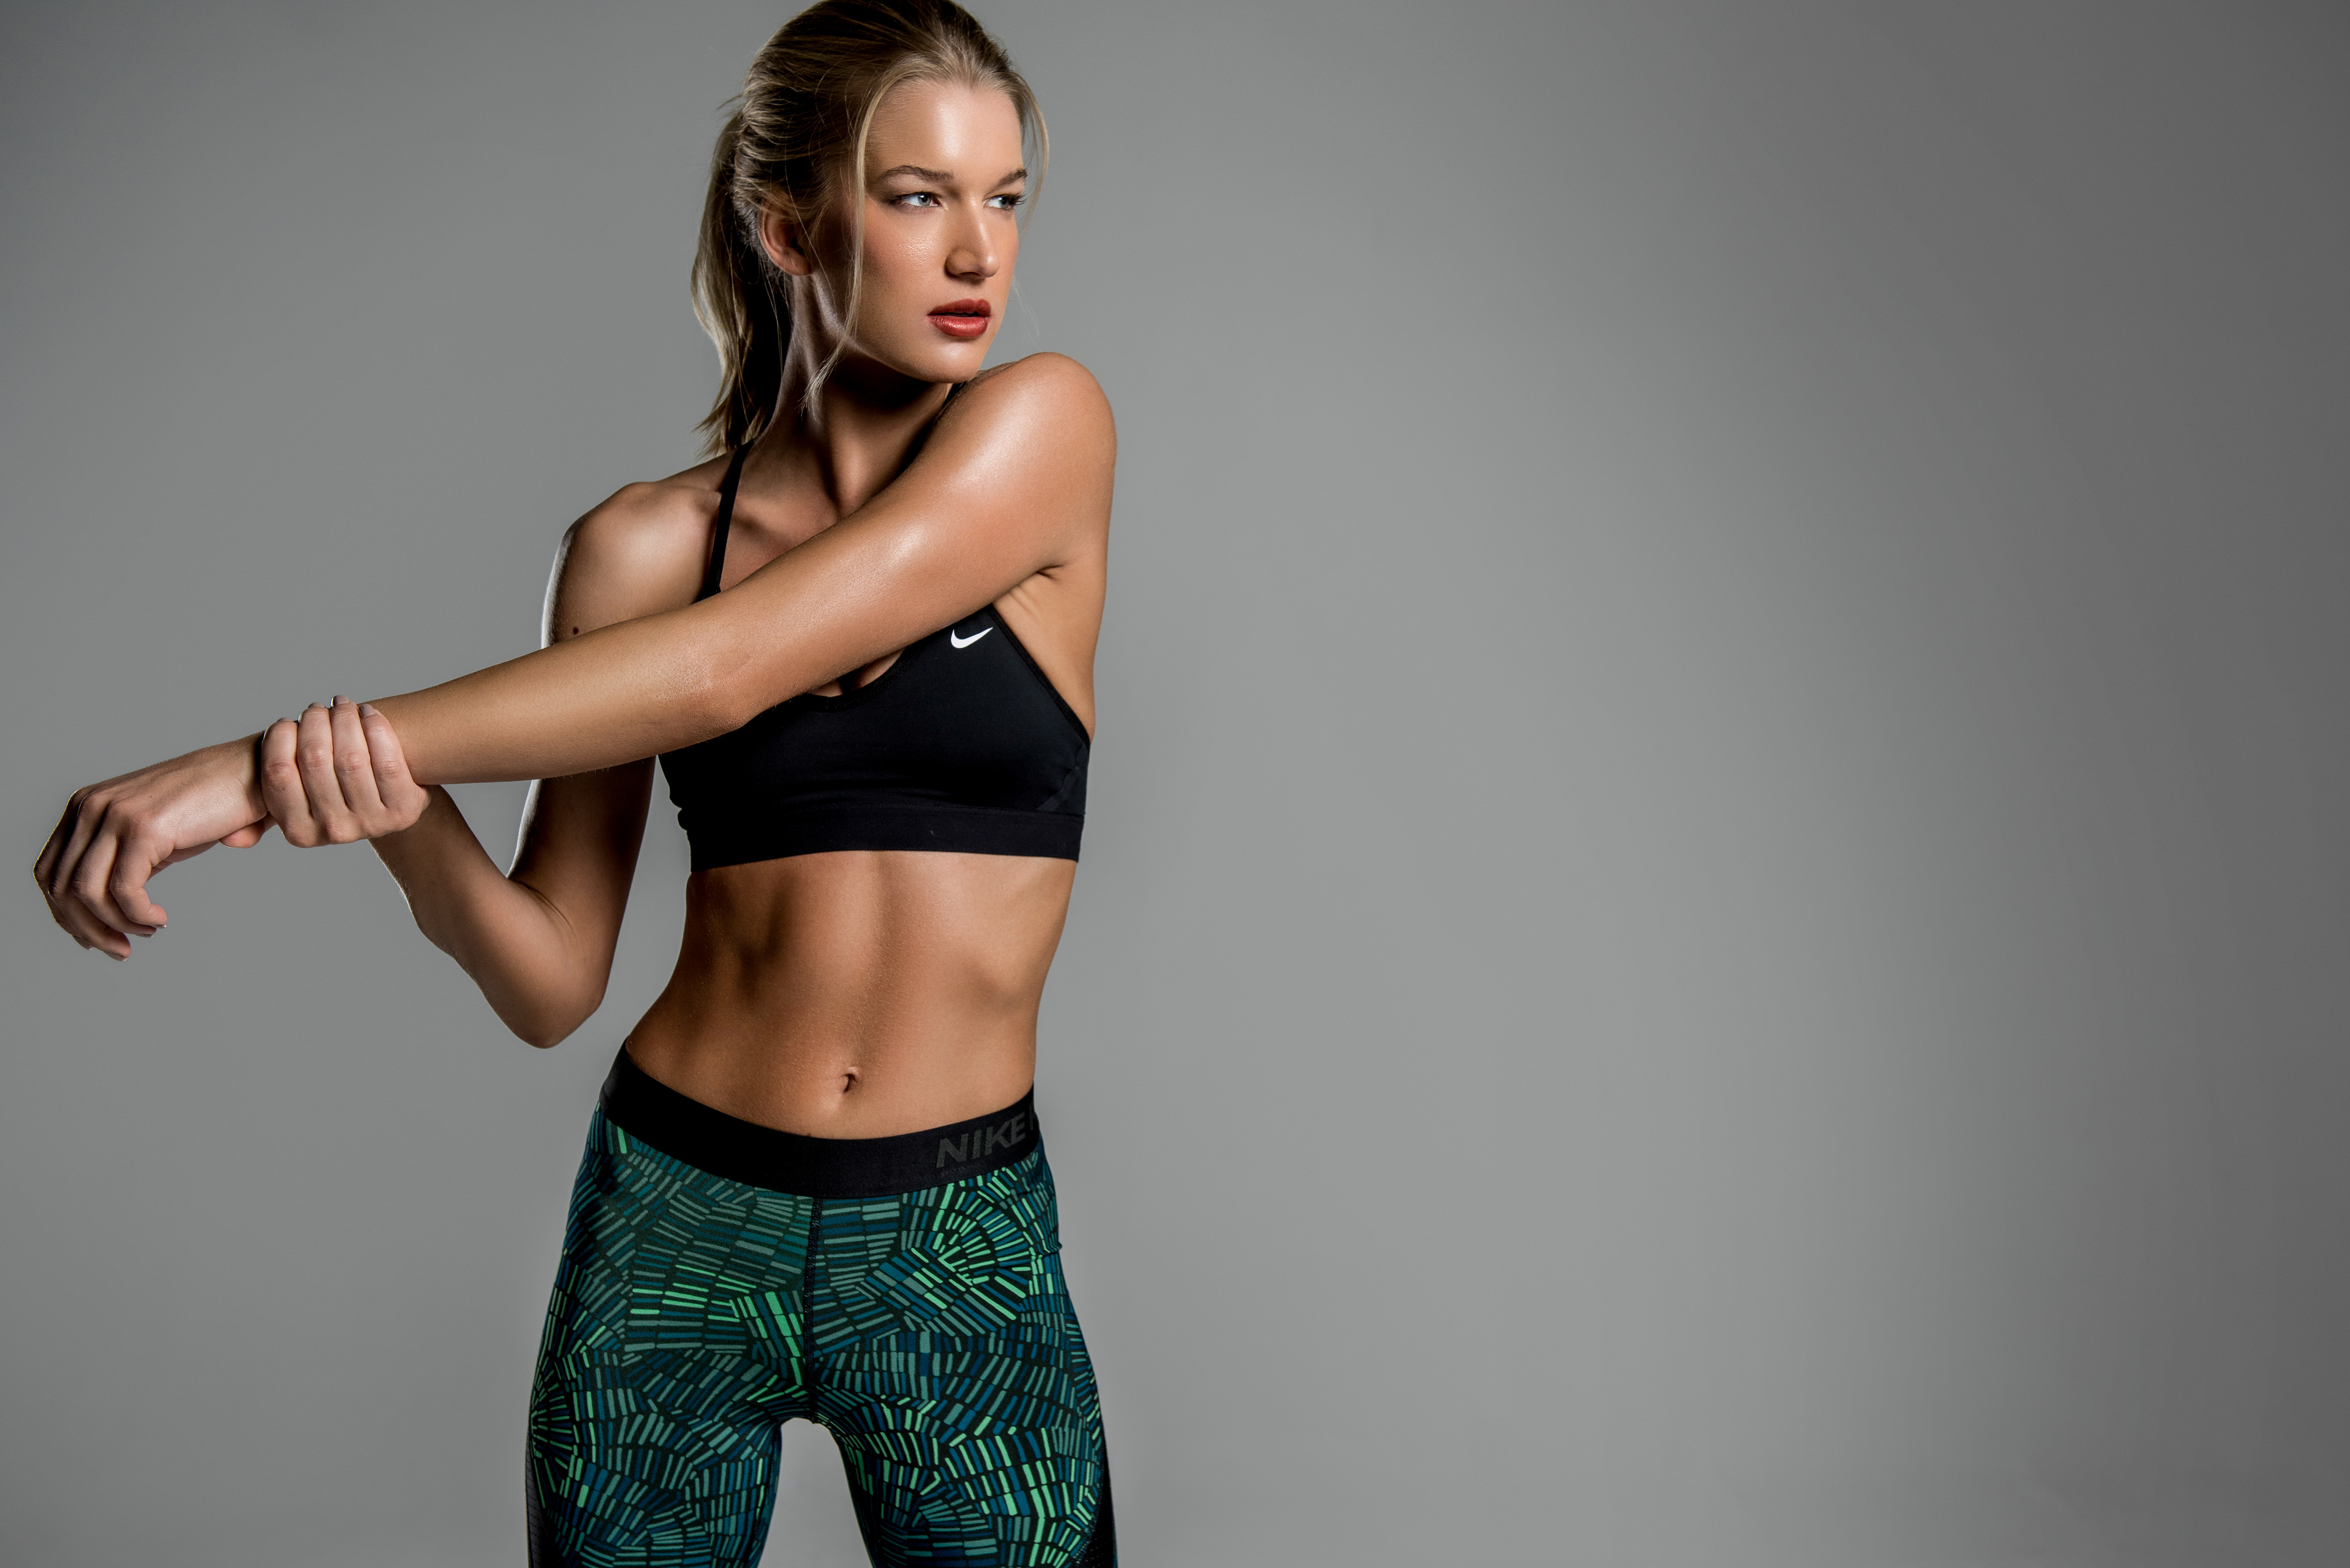 Wallpaper Krista Girl Sports Clothes Hands Sport Women